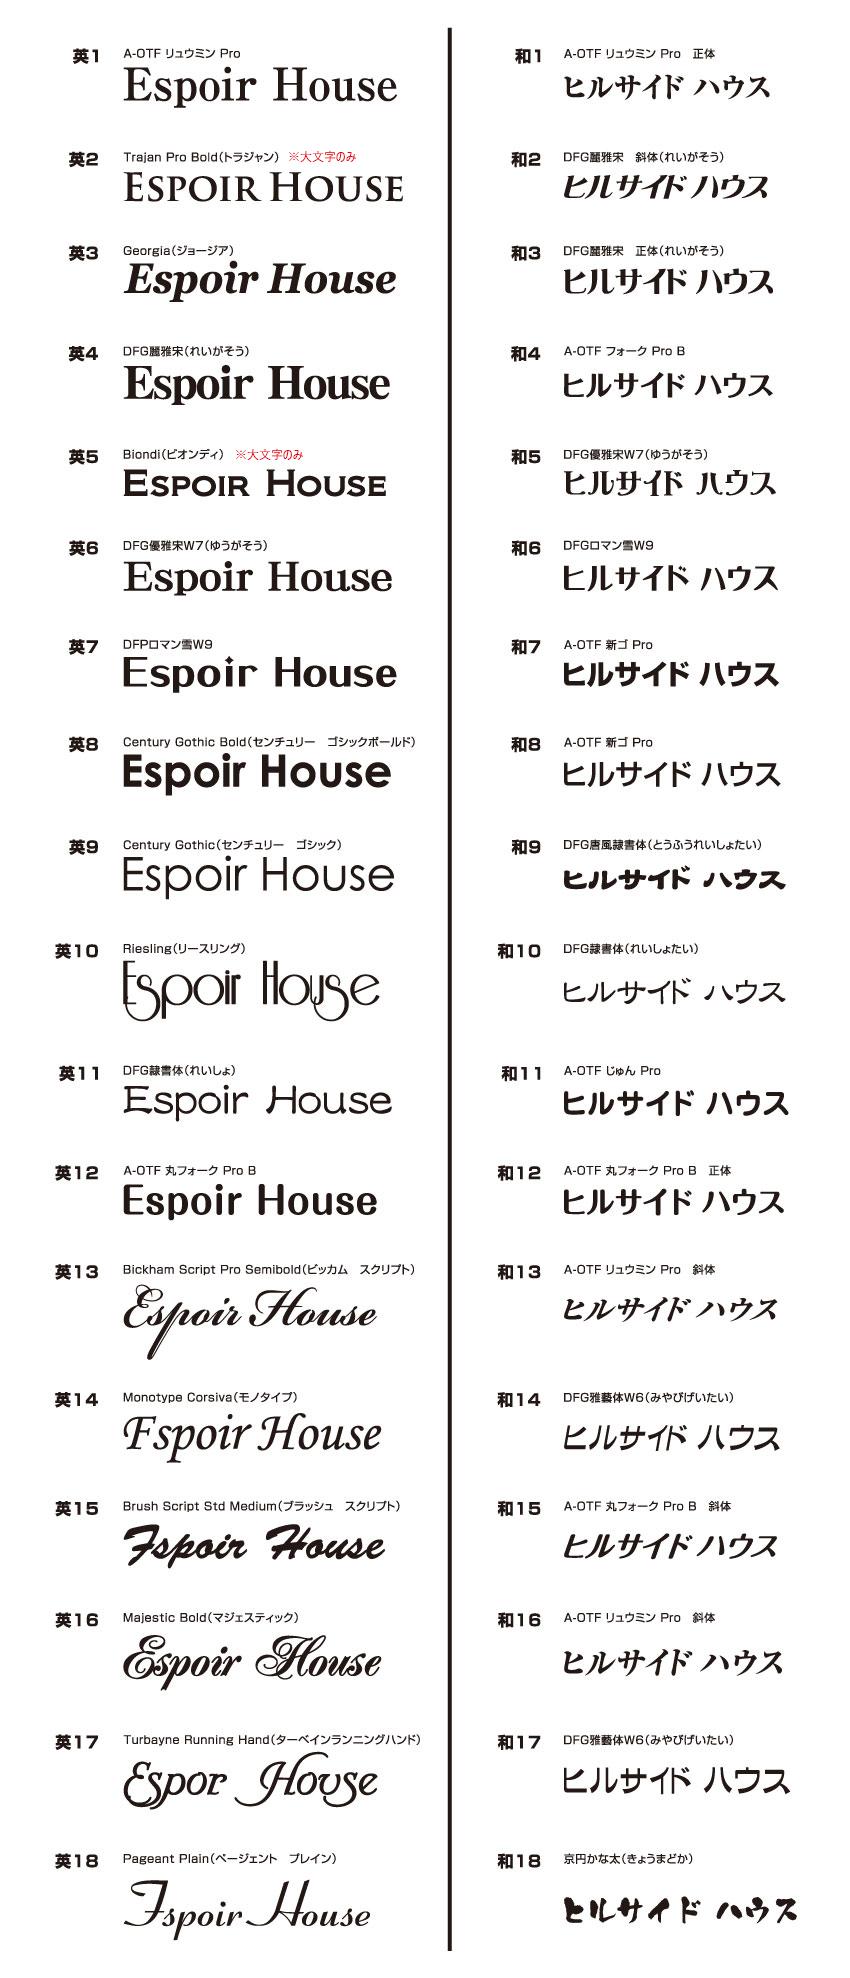 フォント一覧の中からご希望の字体をお選びください。